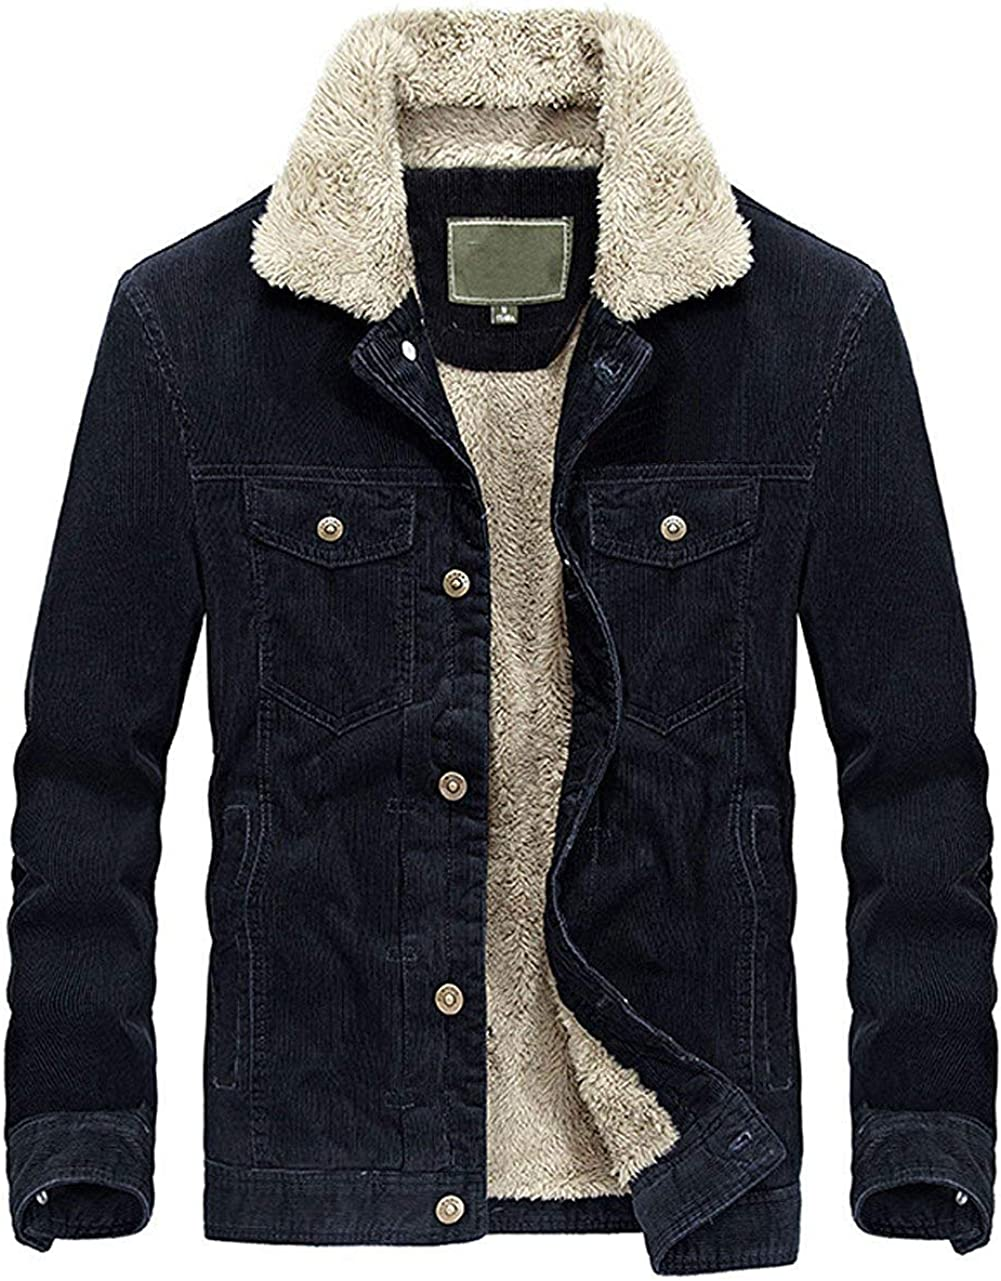 CHARTOU Mens Vintage Button-Front Slim Fit Corduroy Denim Jacket